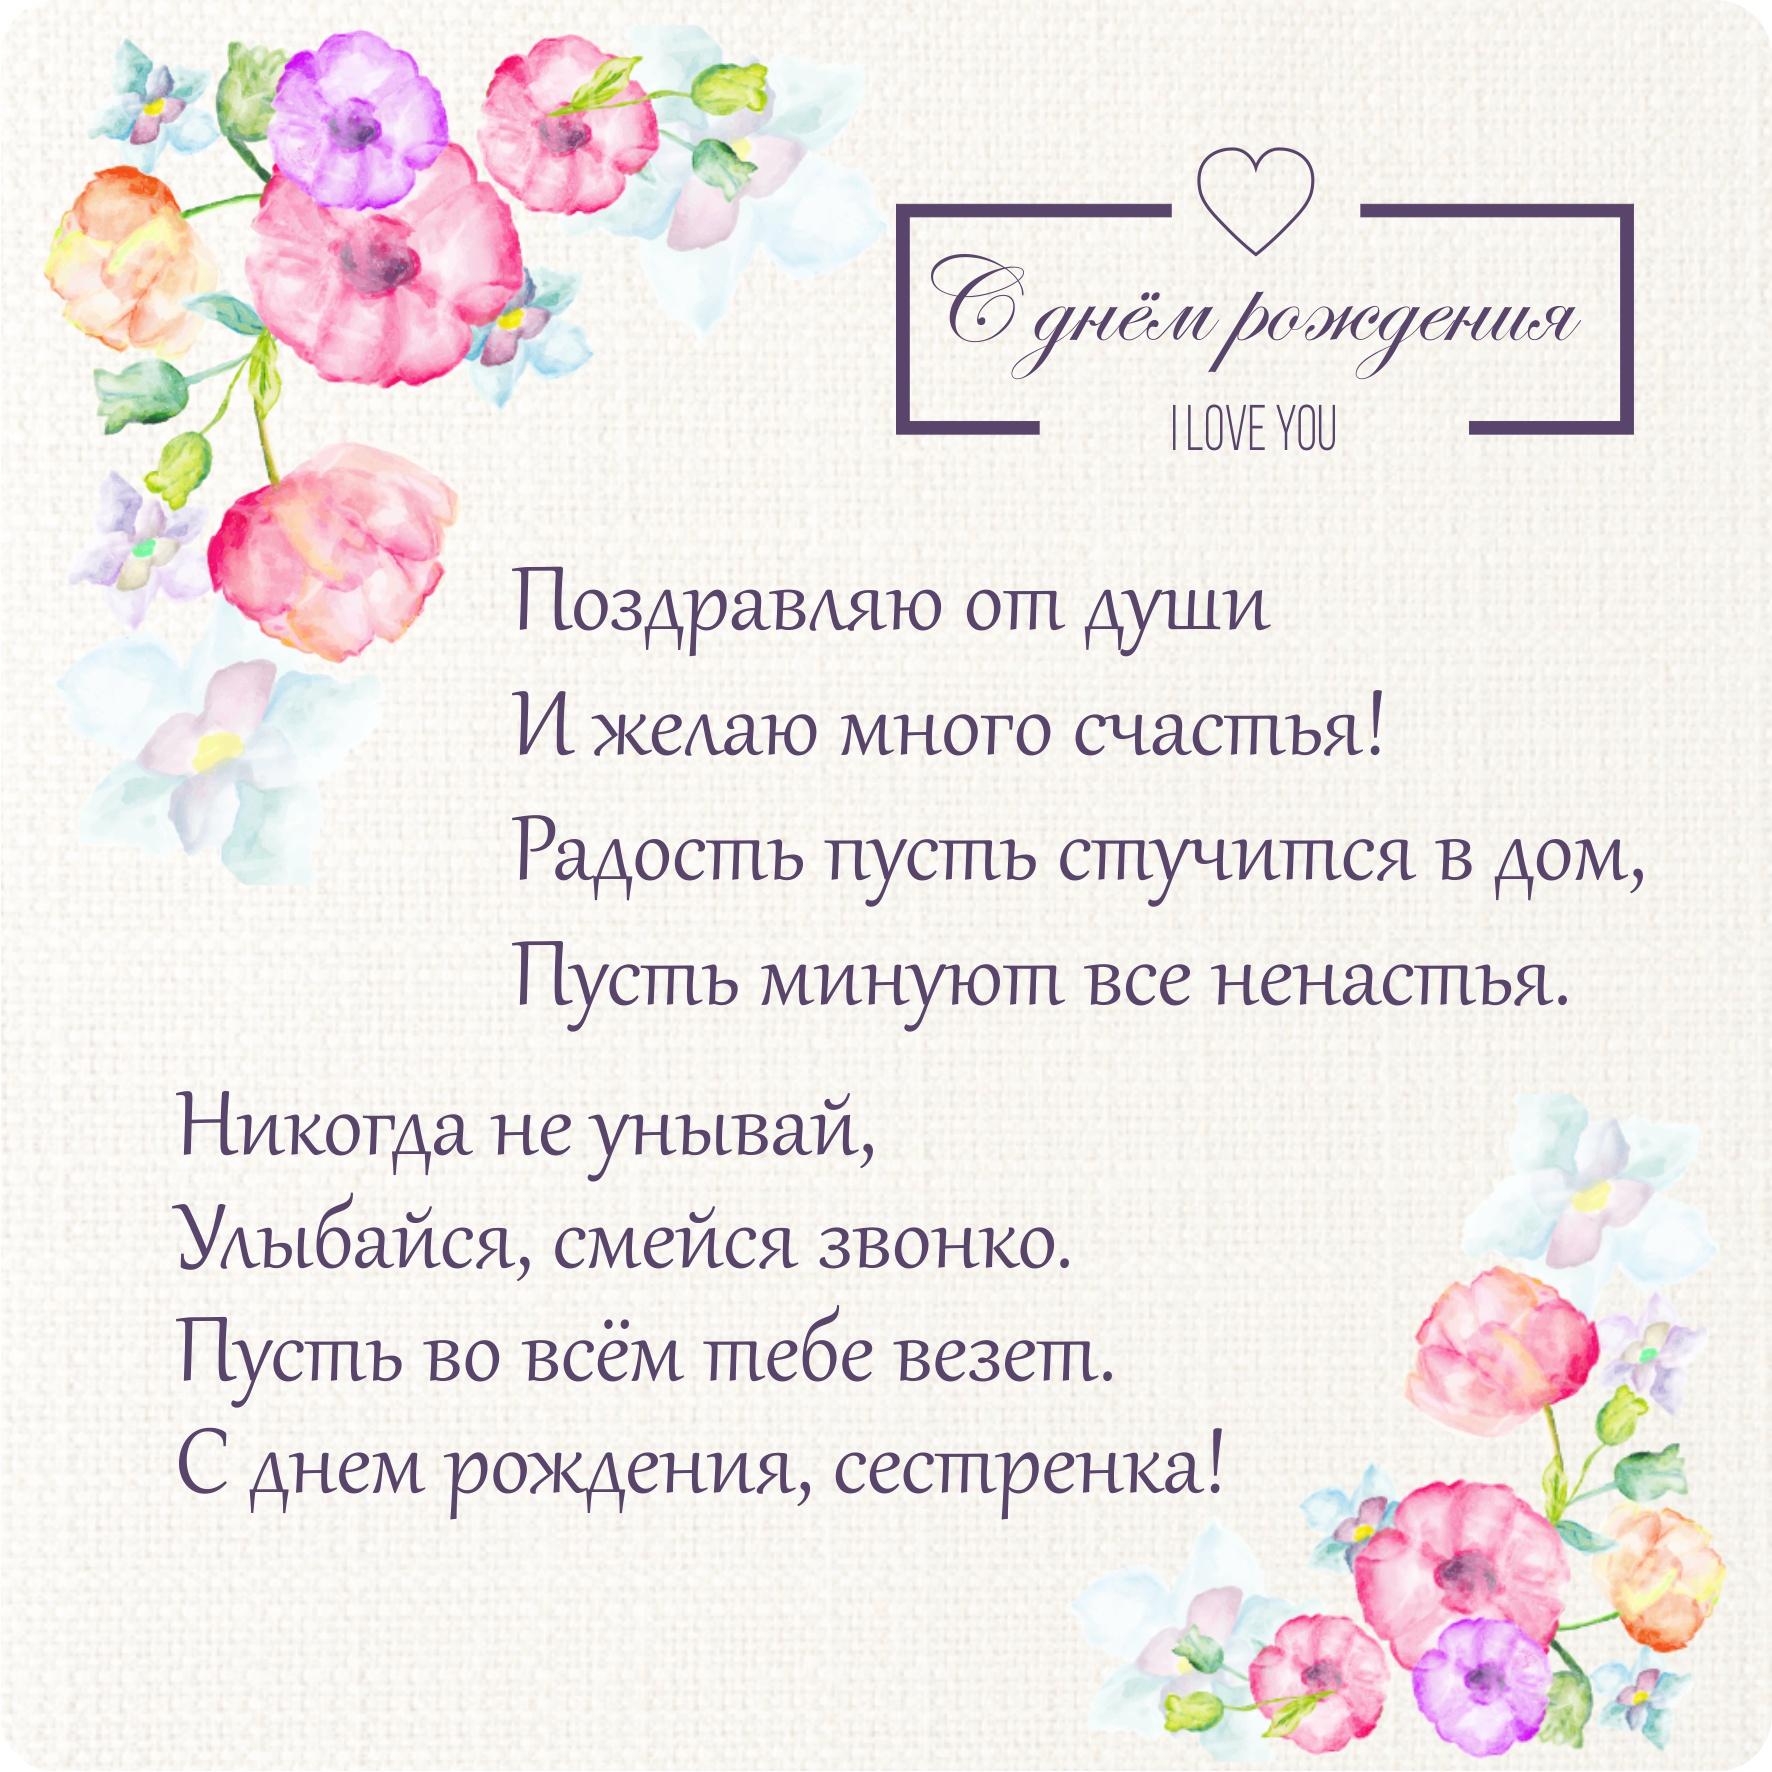 Стихи поздравления на день рождение для сестры